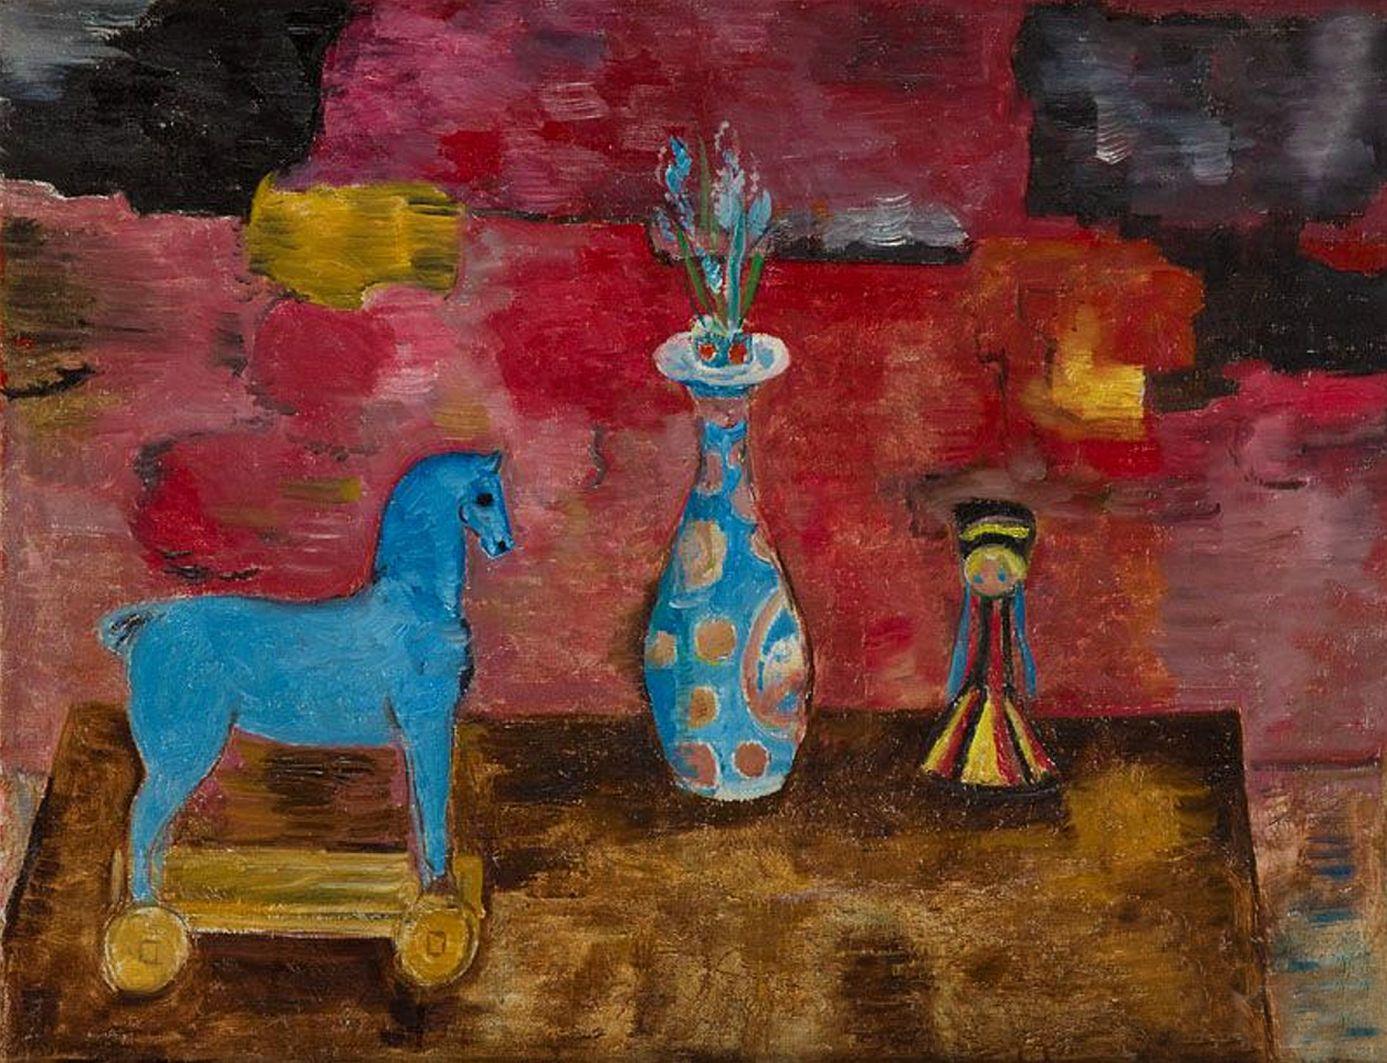 Євген Гепперт. Натюрморт з голубим коником, 1977; полотно, олія